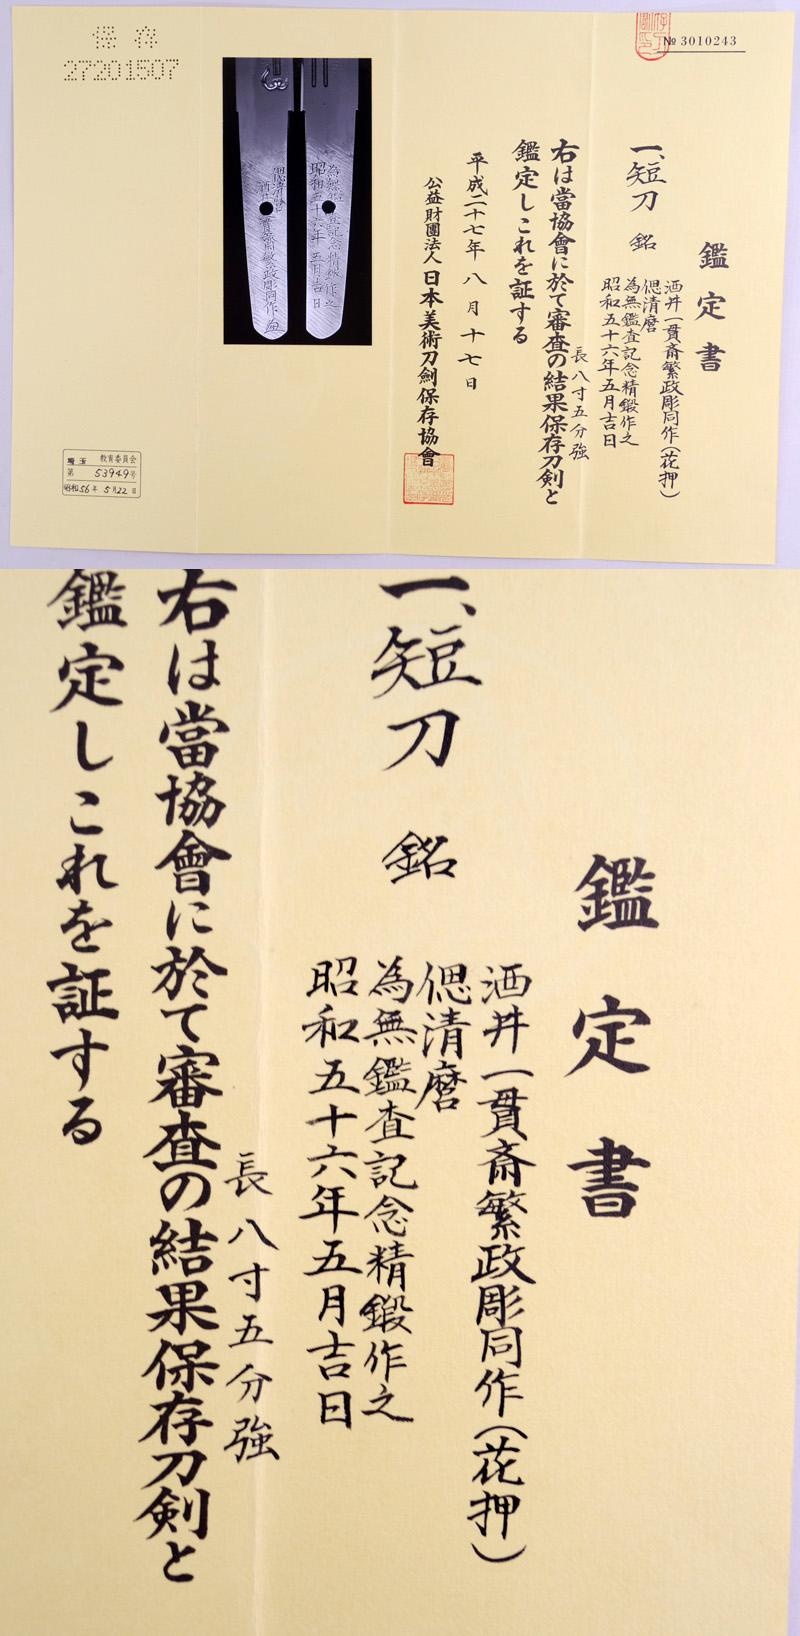 偲清麿 酒井一貫斎繁政彫同作 Picture of Certificate